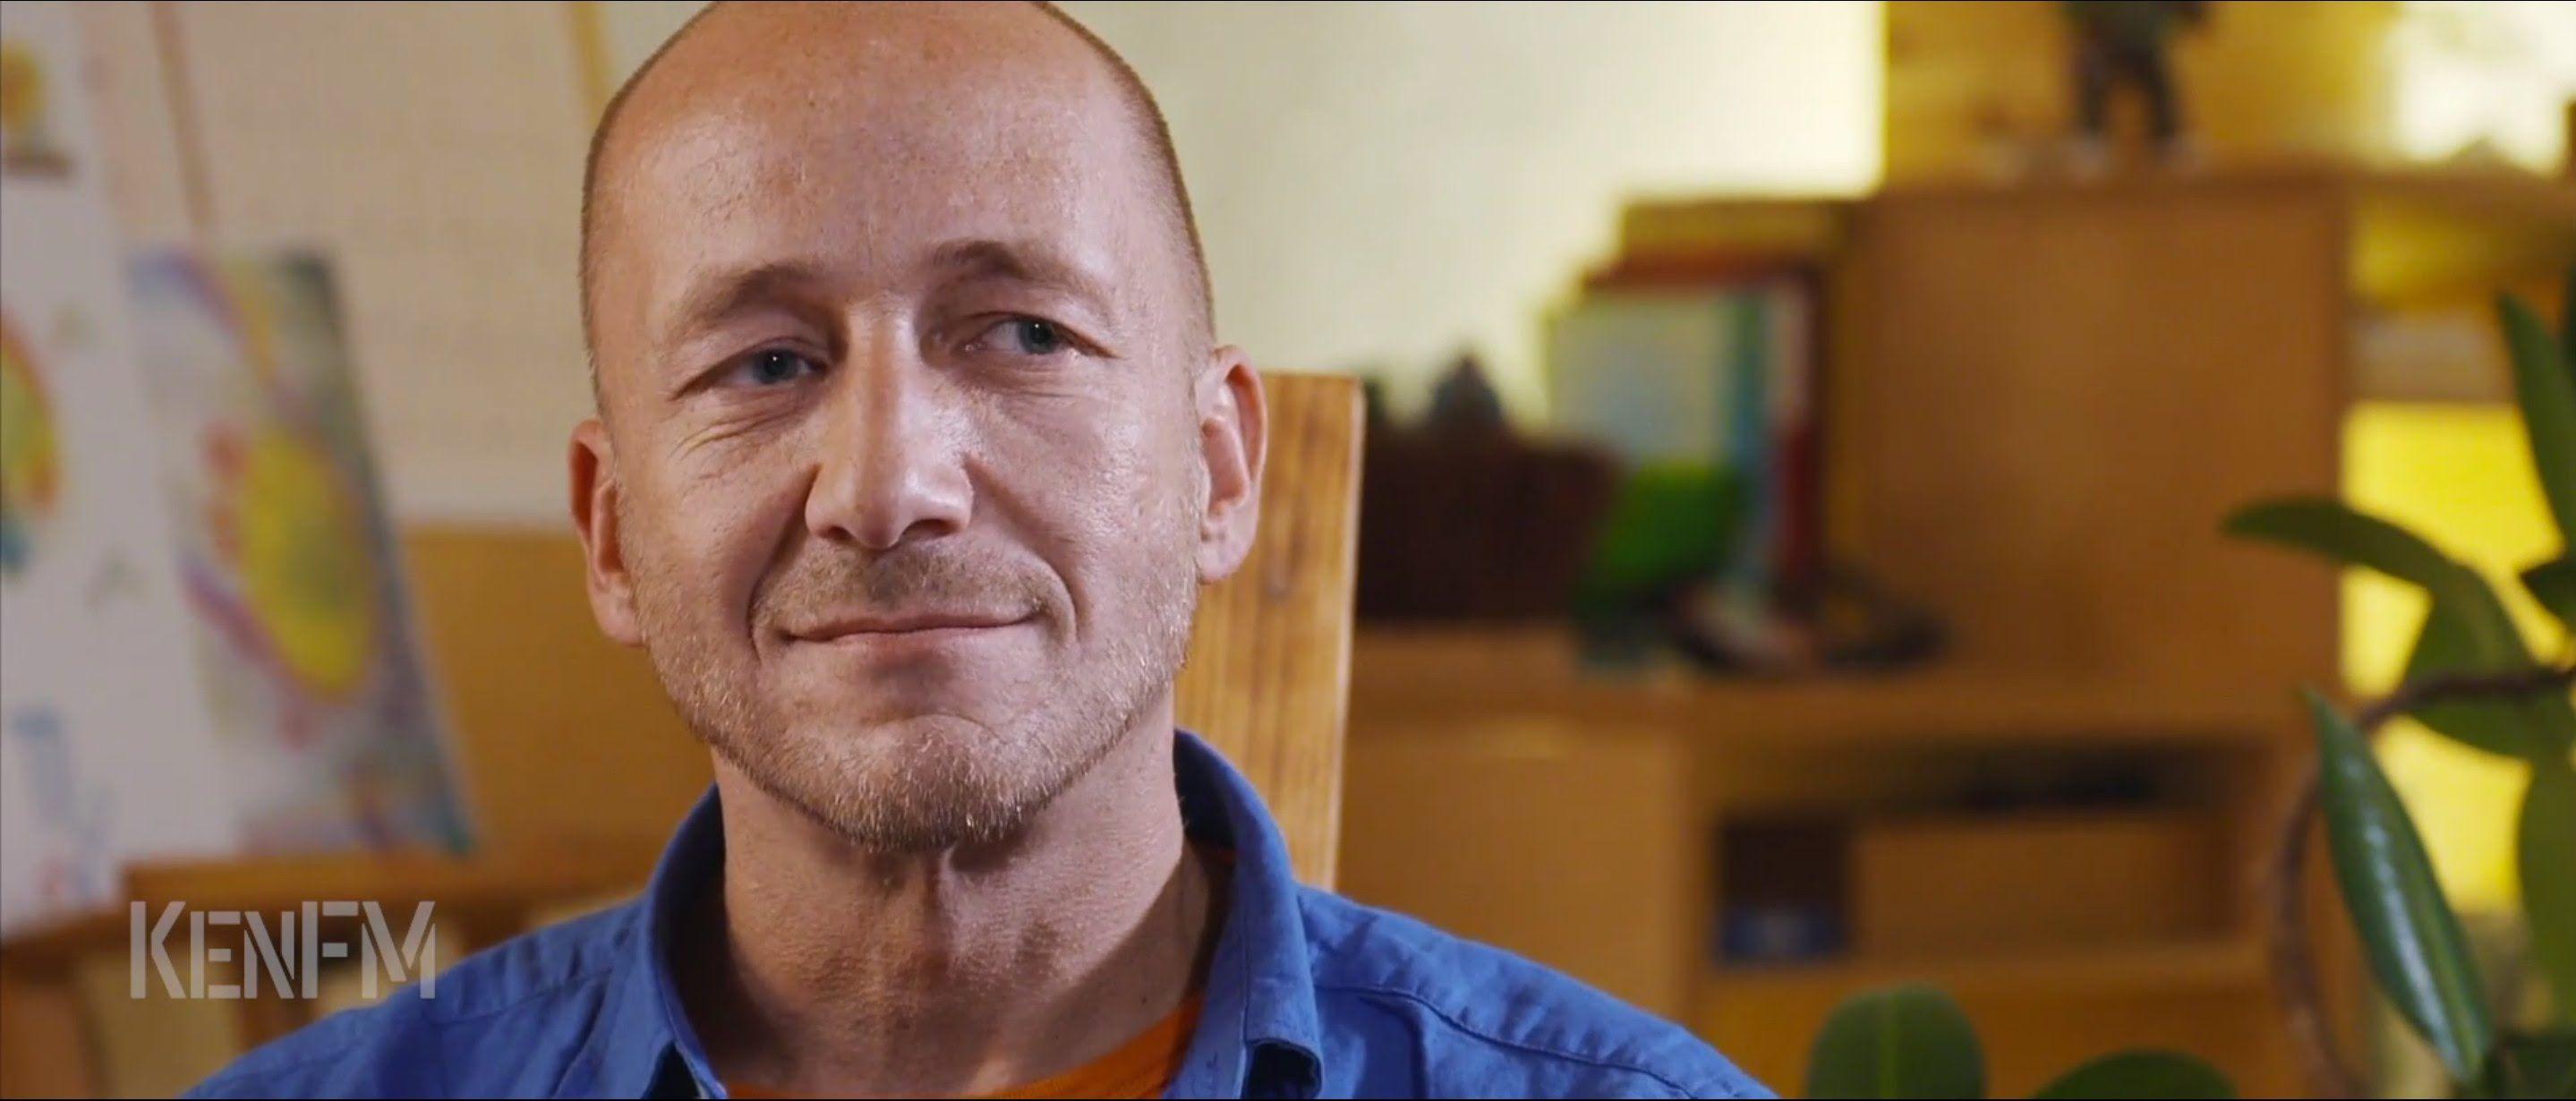 """Projekt """"Bärensuppe"""" - Eine Begegnung zwischen """"Freeman"""" Joe Kreissl und..."""